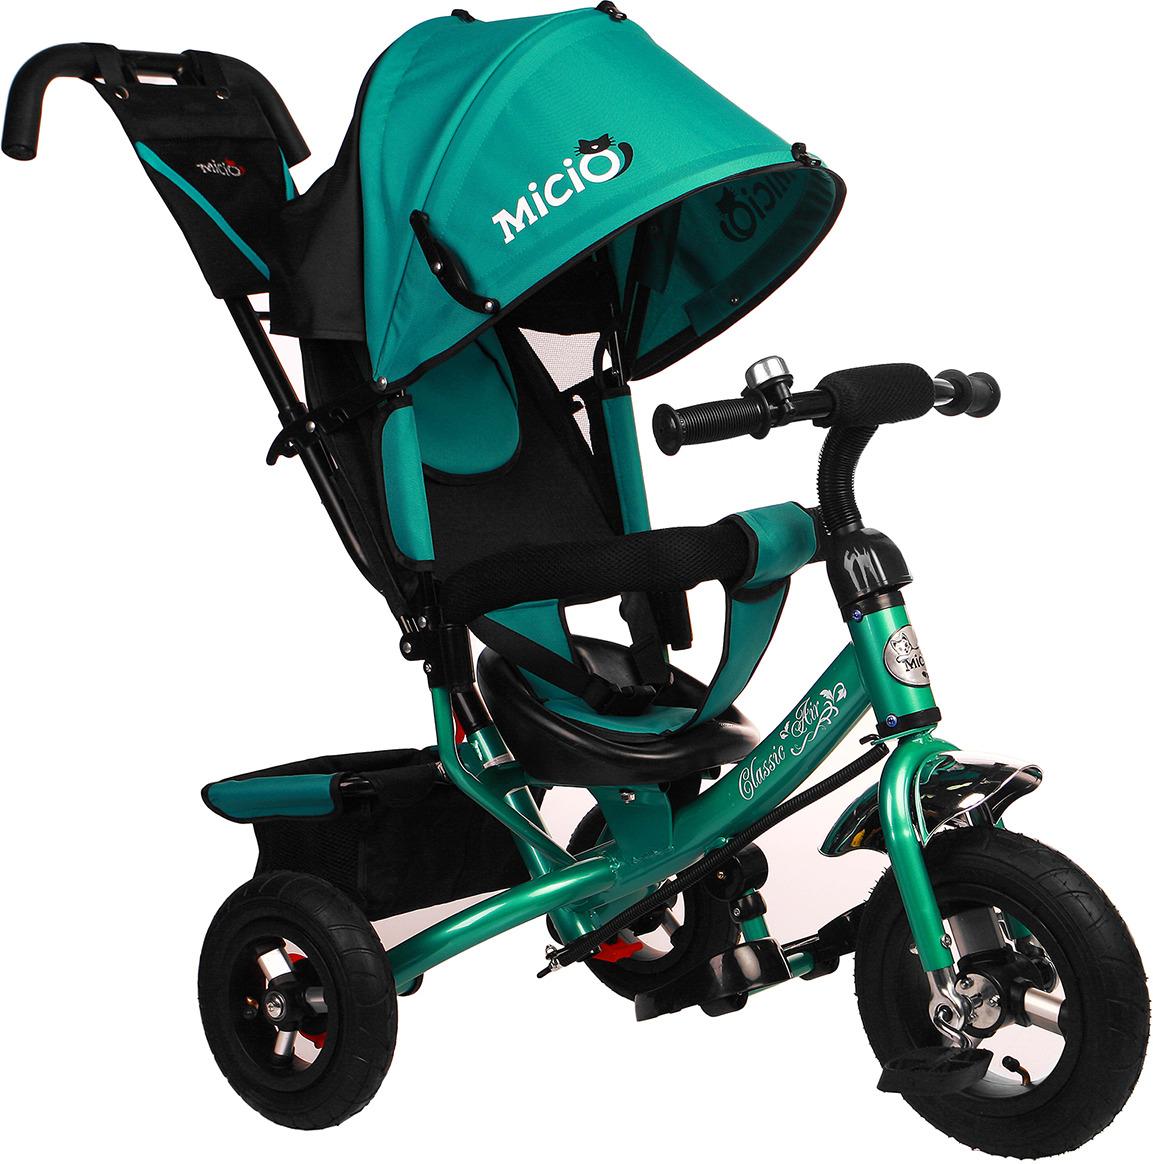 Велосипед трехколесный детский Micio Classic Air 2019, 3871489, бирюзовый